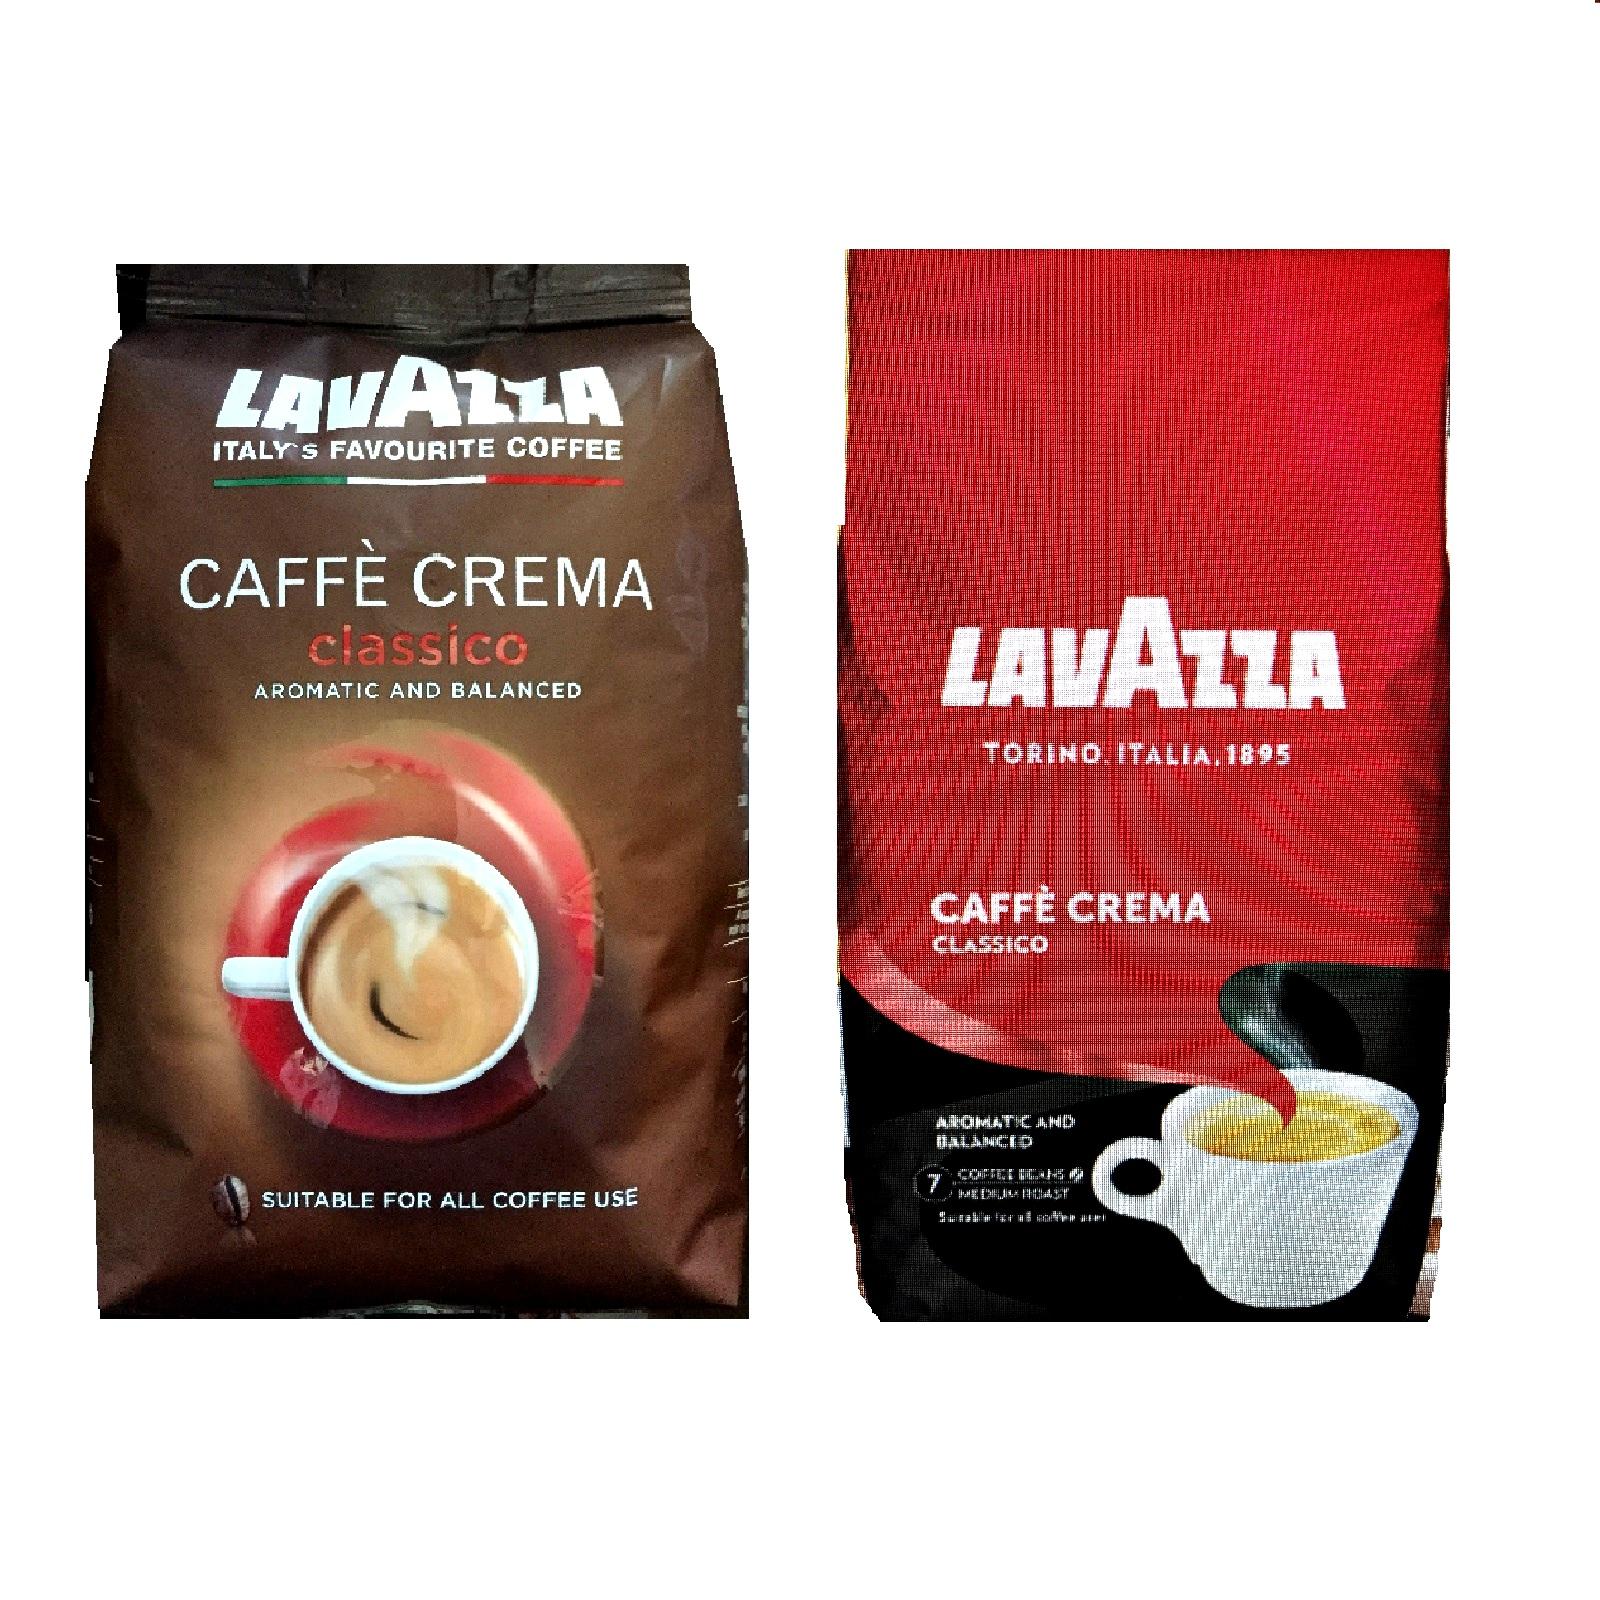 Lavazza Caffé Crema Classico ganze Kaffee-Bohnen 1Kg jetzt mit 10% mehr im Beutel